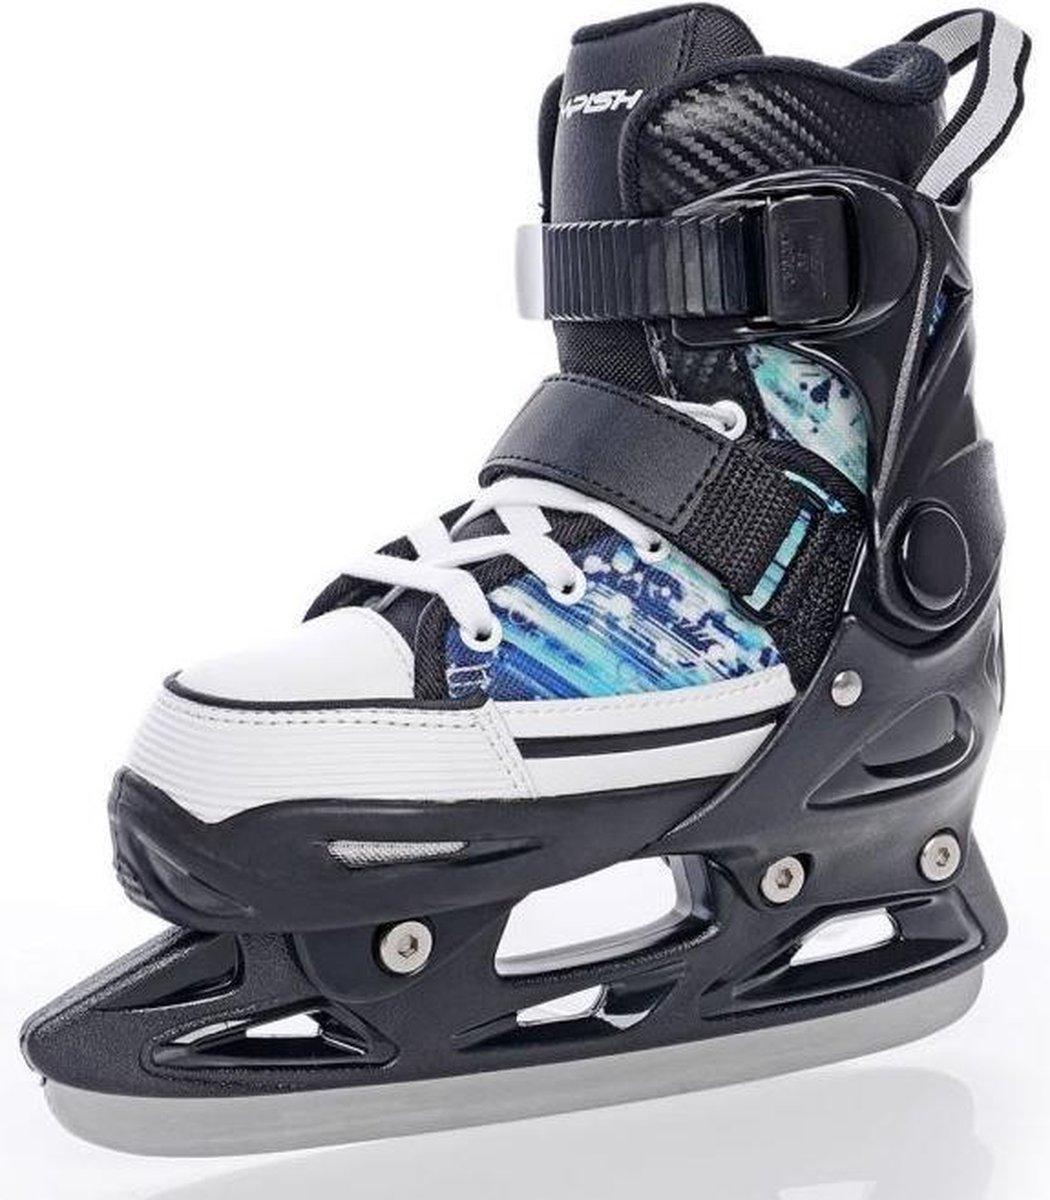 Tempish - Rebel ice one pro boy - Verstelbare schaatsen - Maat 33-36